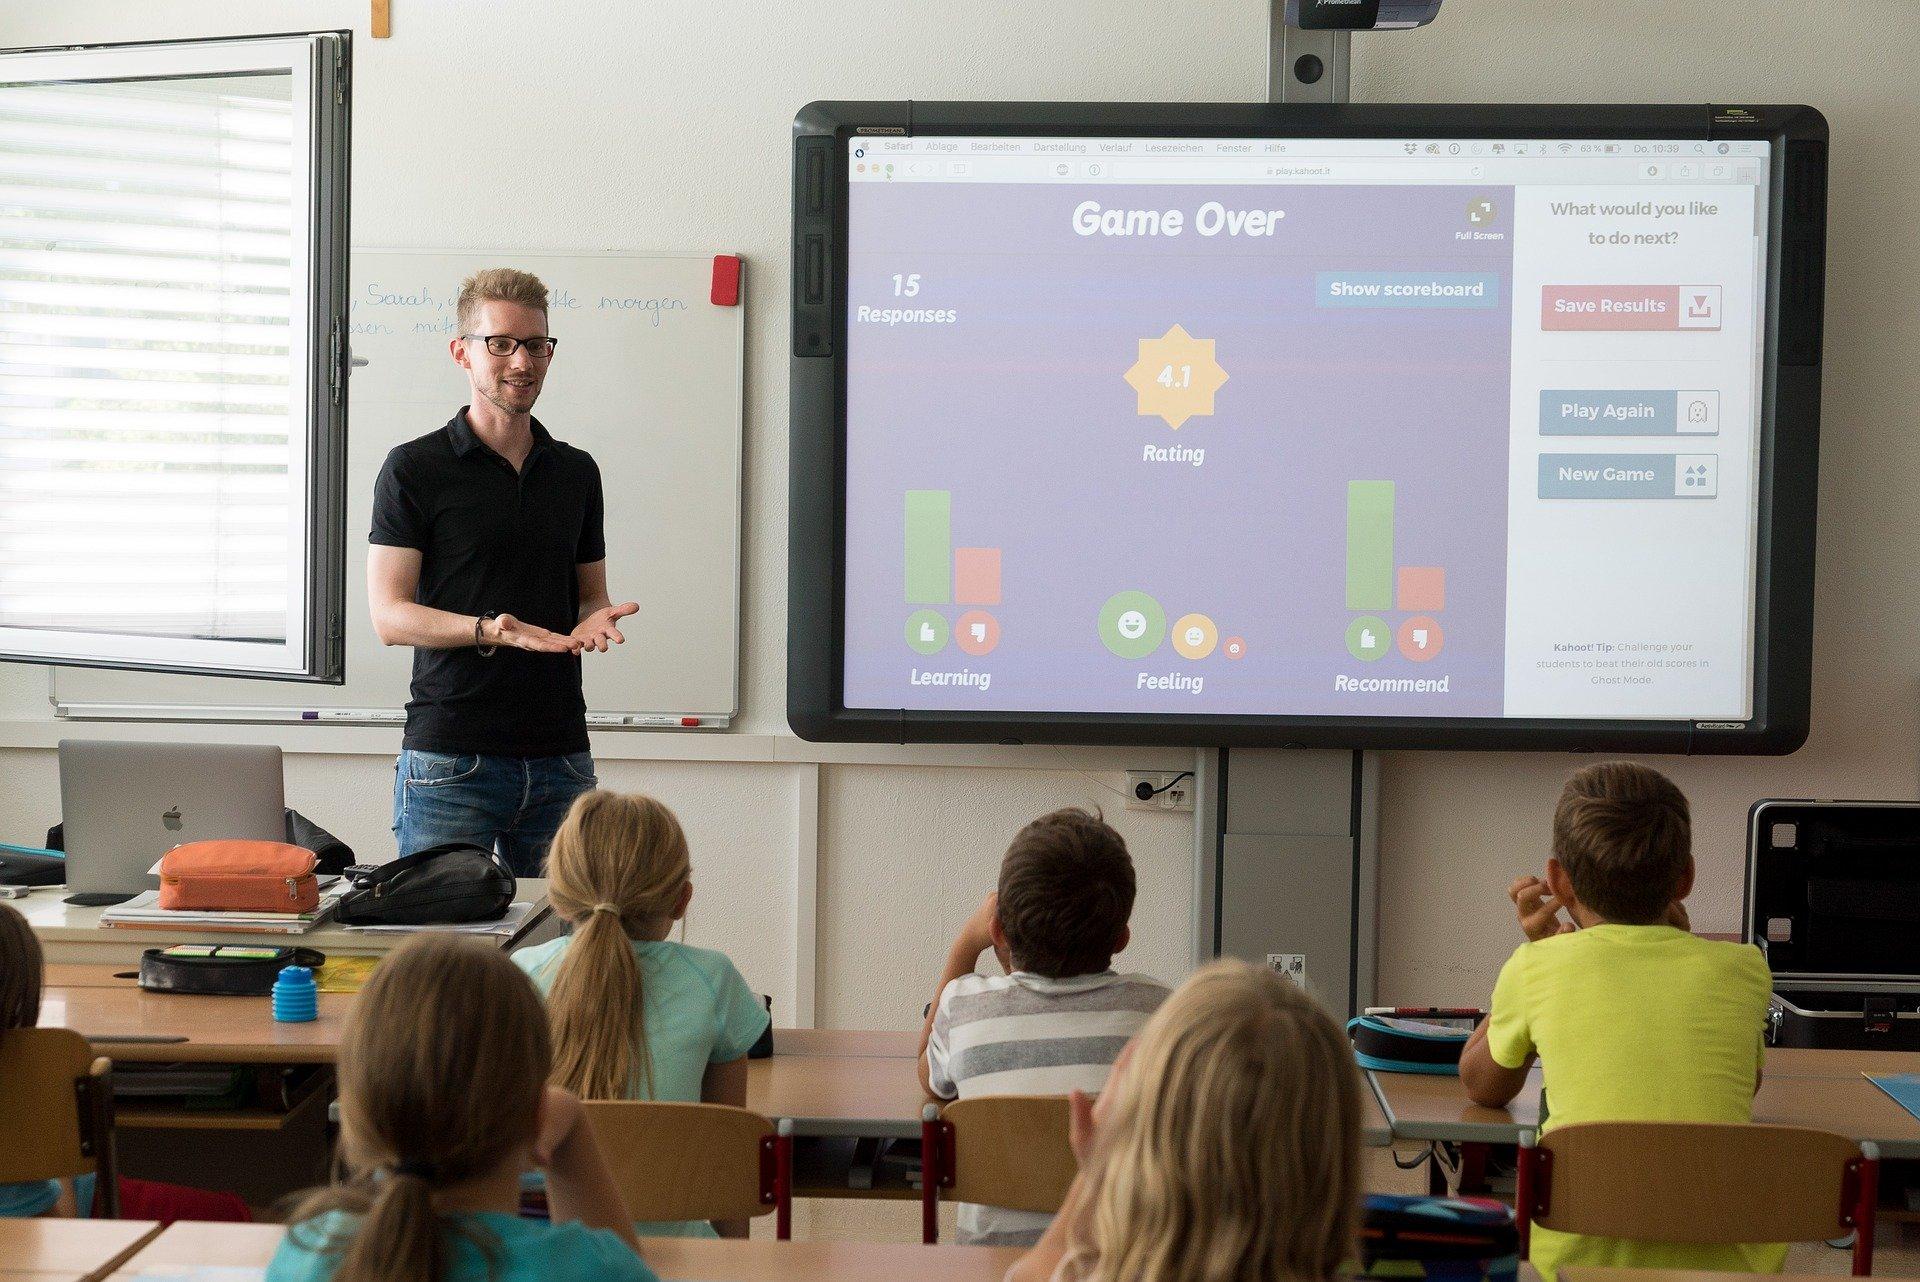 un professeur devant une classe d'enfants